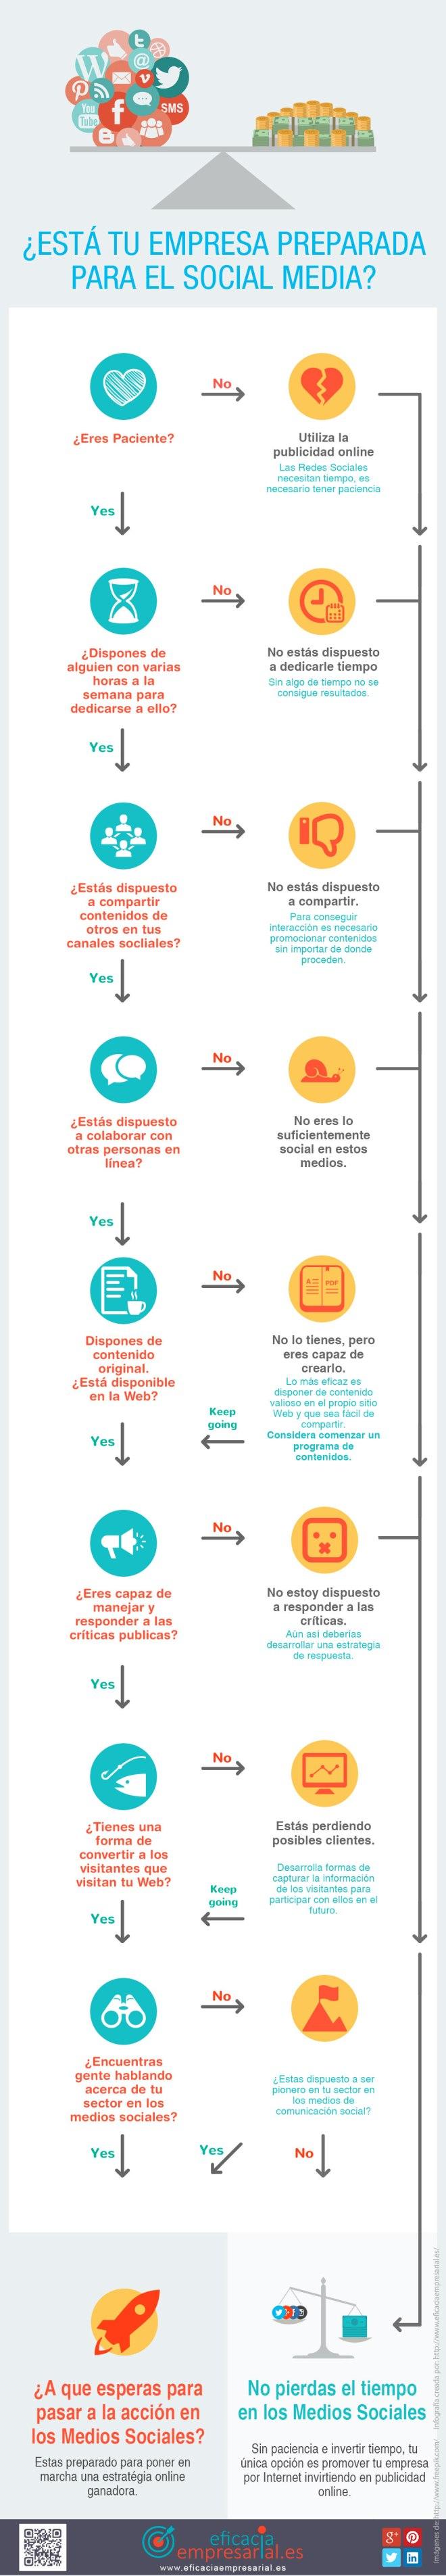 ¿Esta tu empresa preparada para las Redes Sociales?